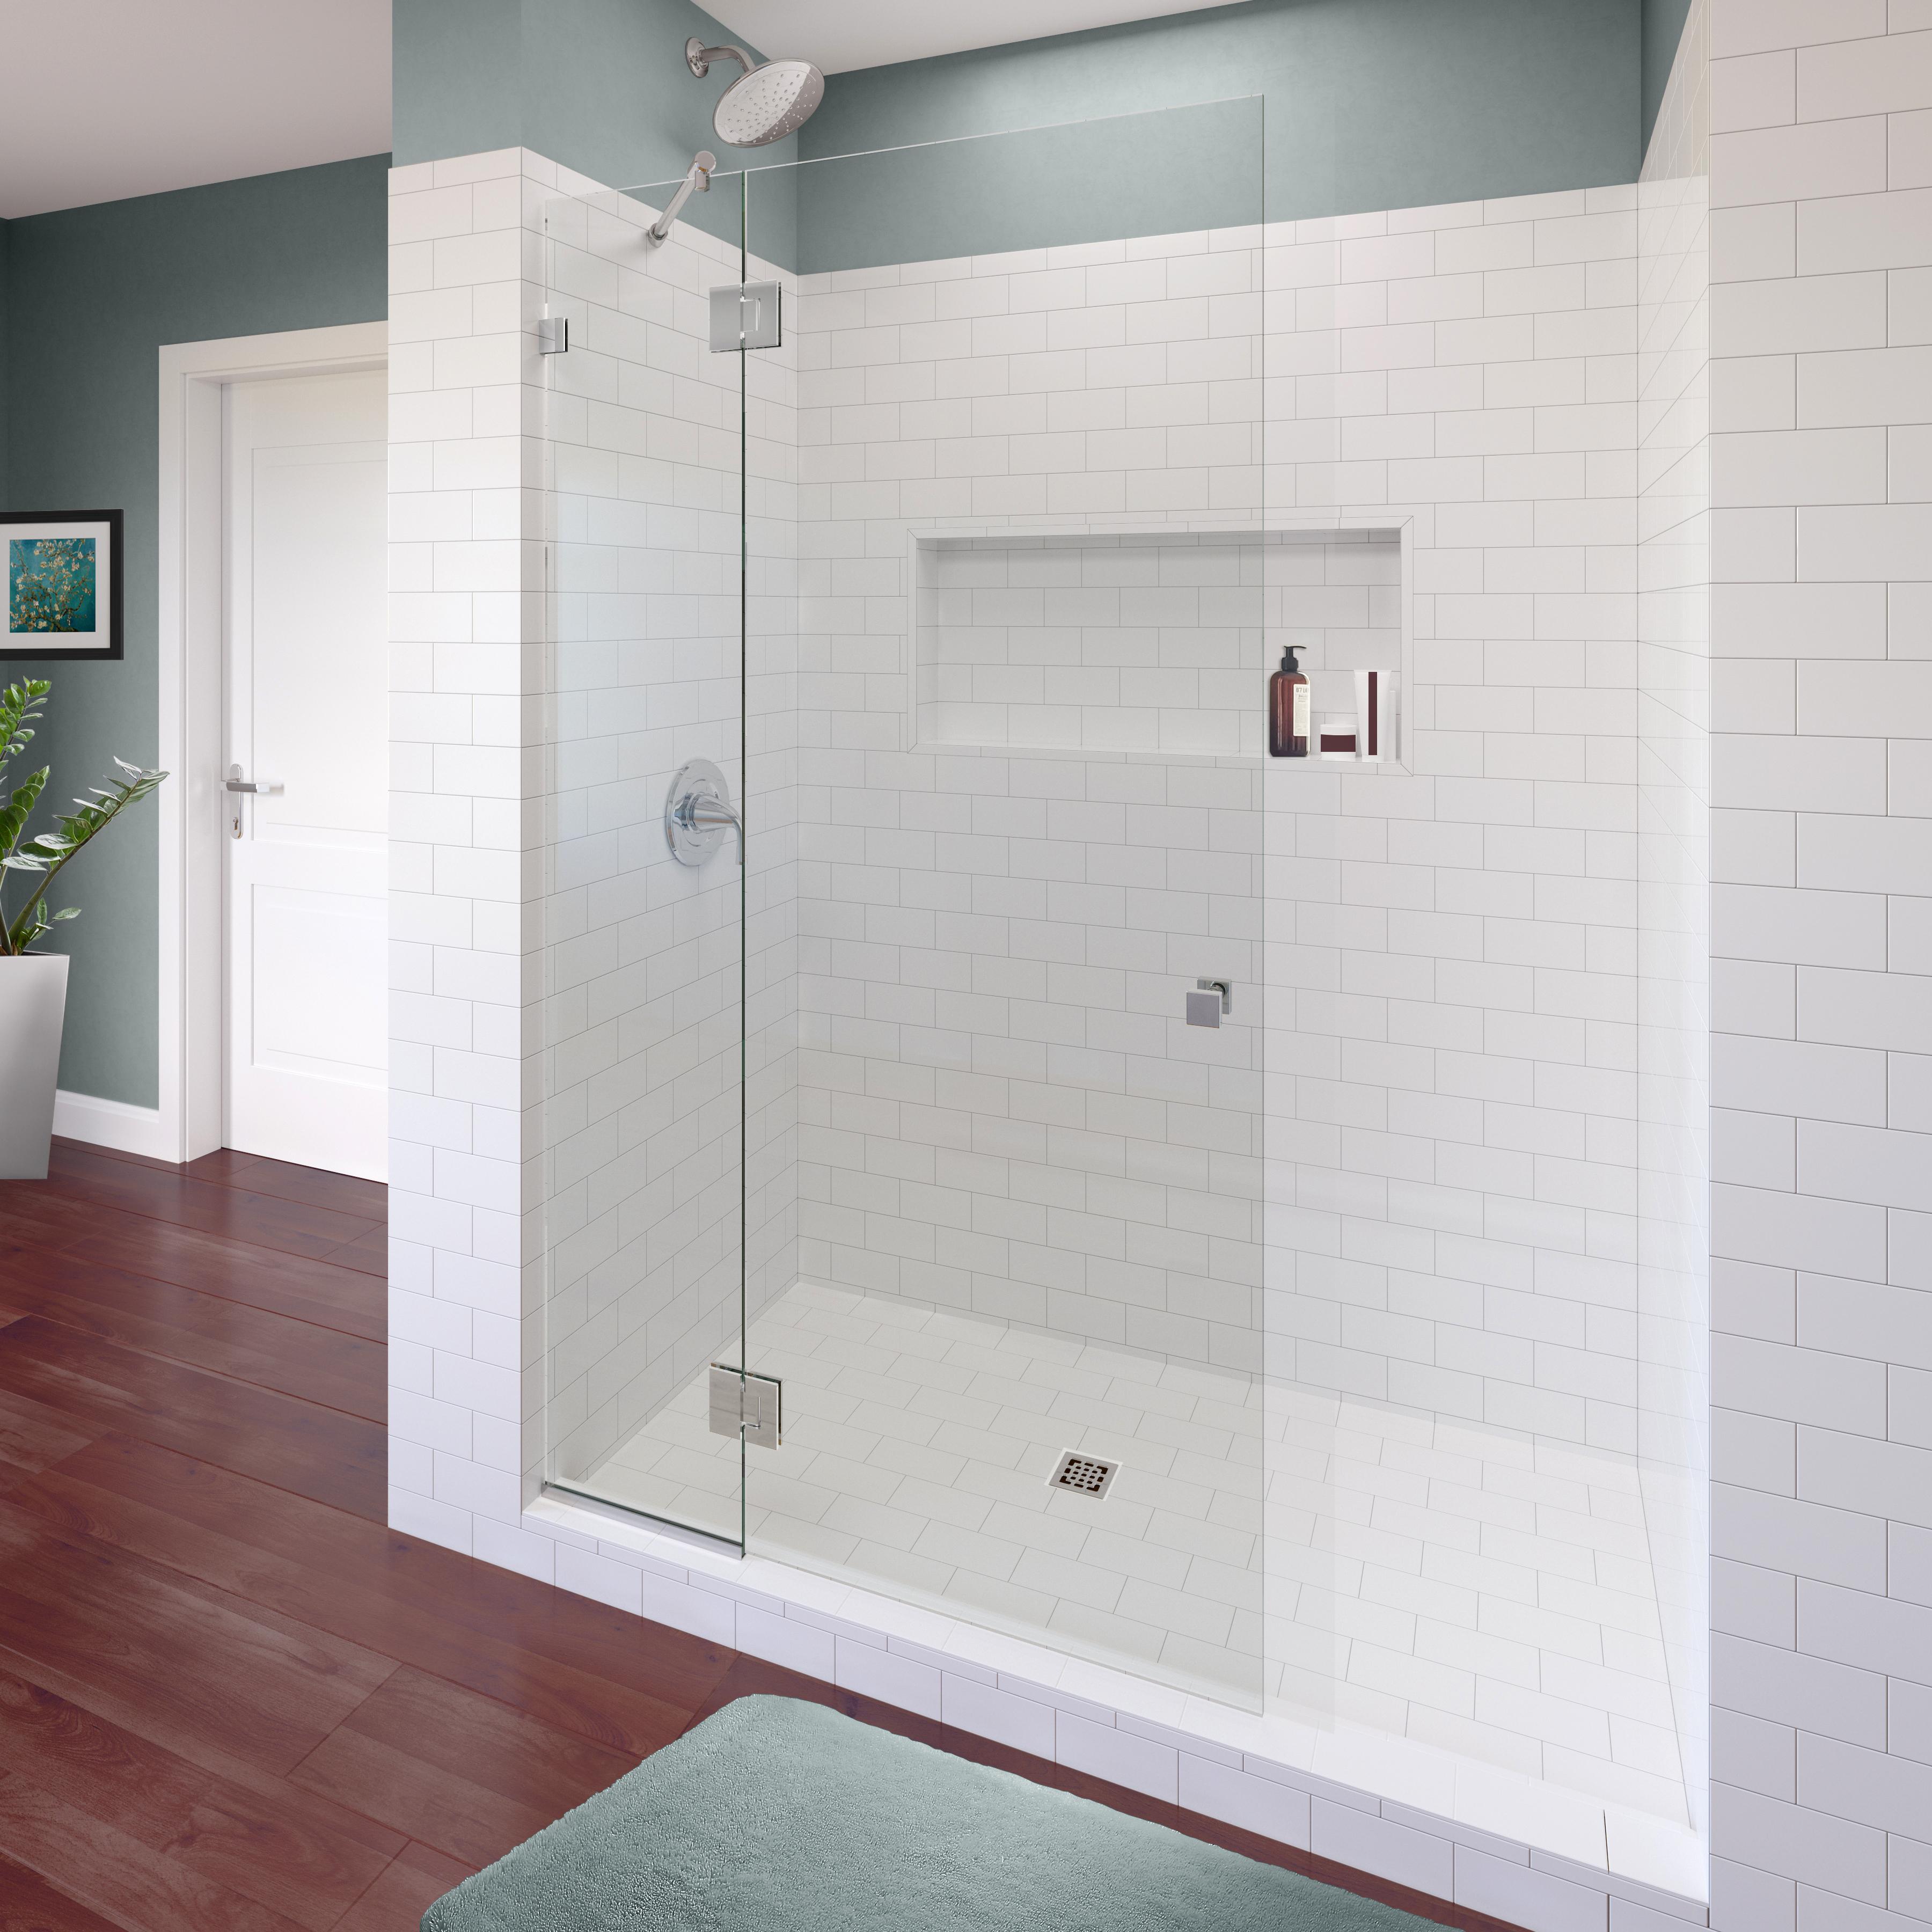 Geolux Frameless 38 Inch Glass Shower Screen Basco Shower Doors